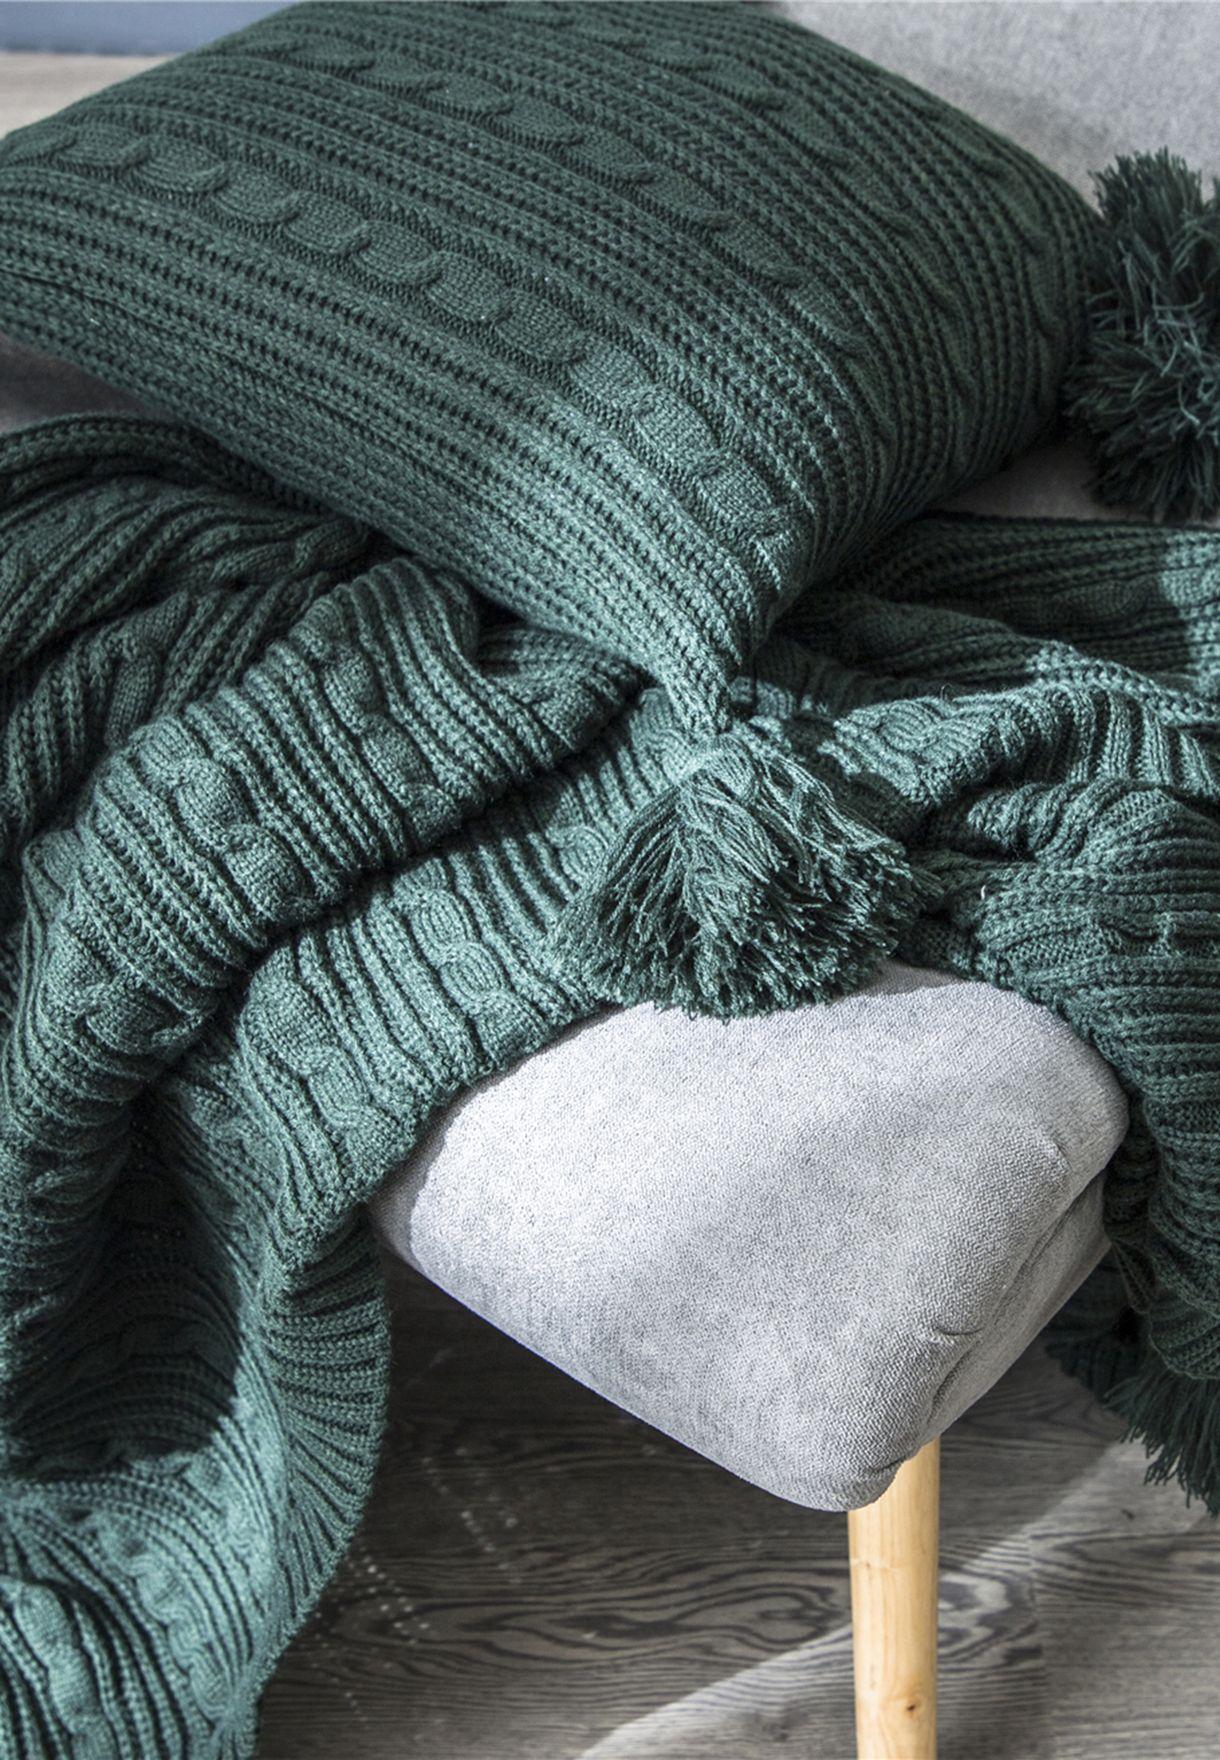 بطانية بكرات بوم بوم 130 x 160 سم